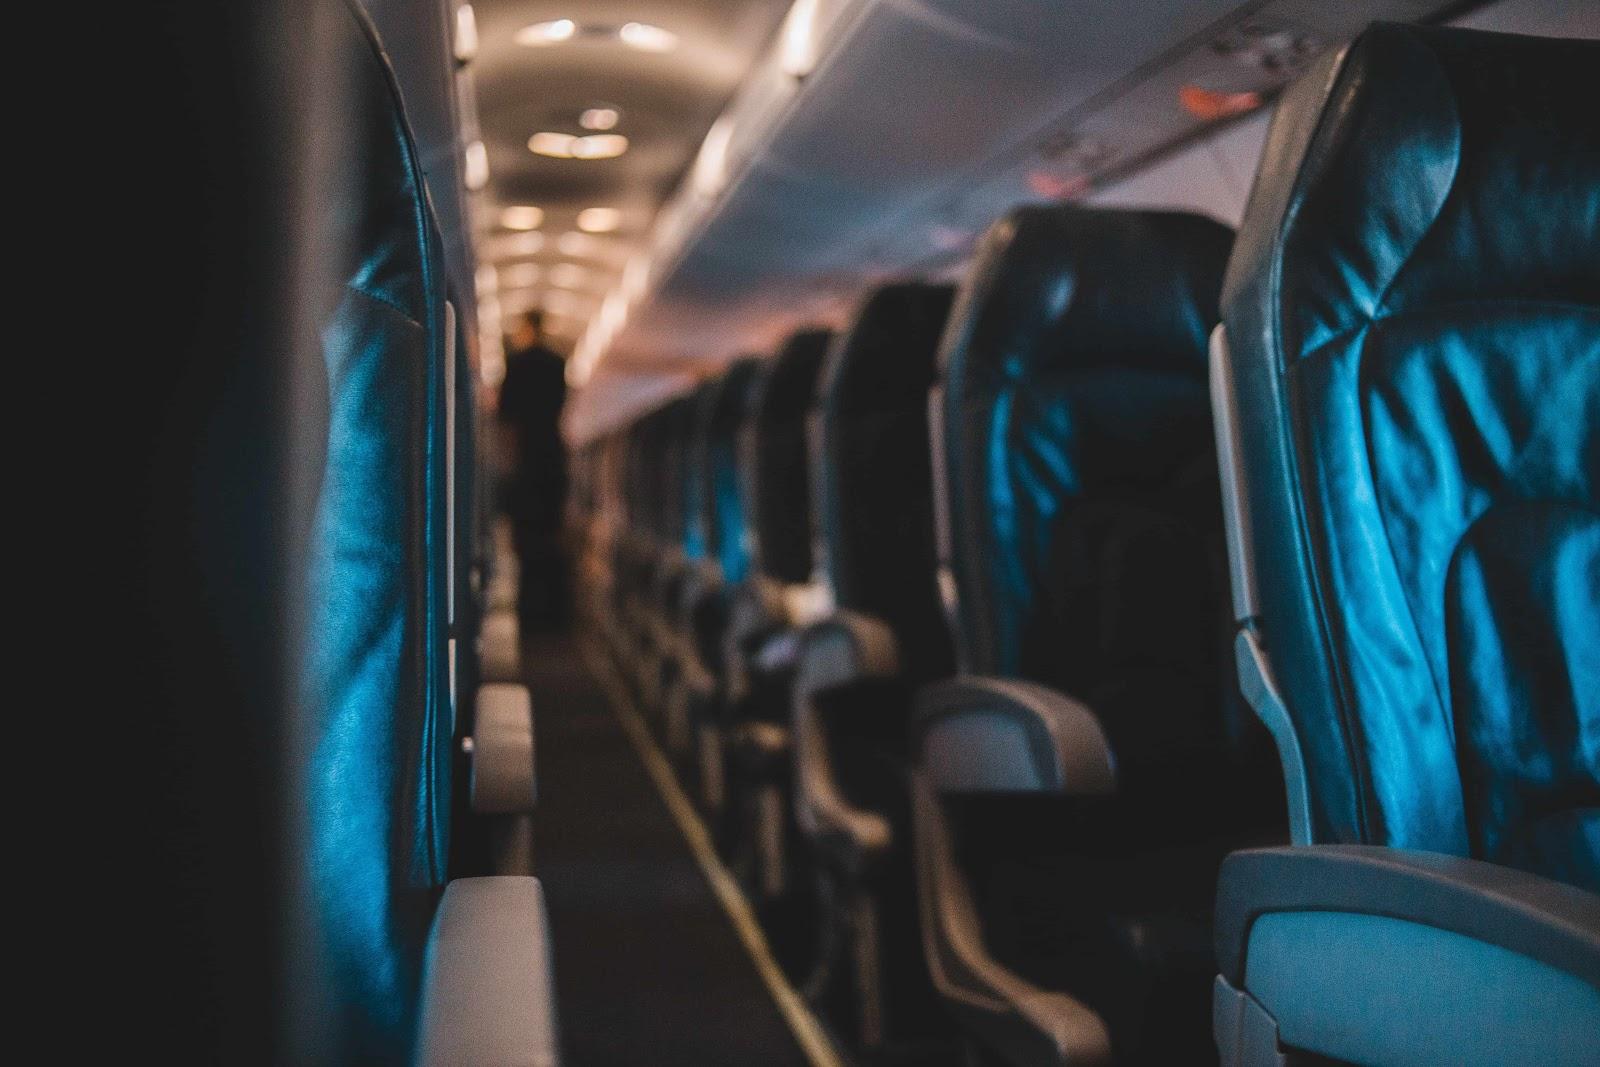 Sex In An Aeroplane